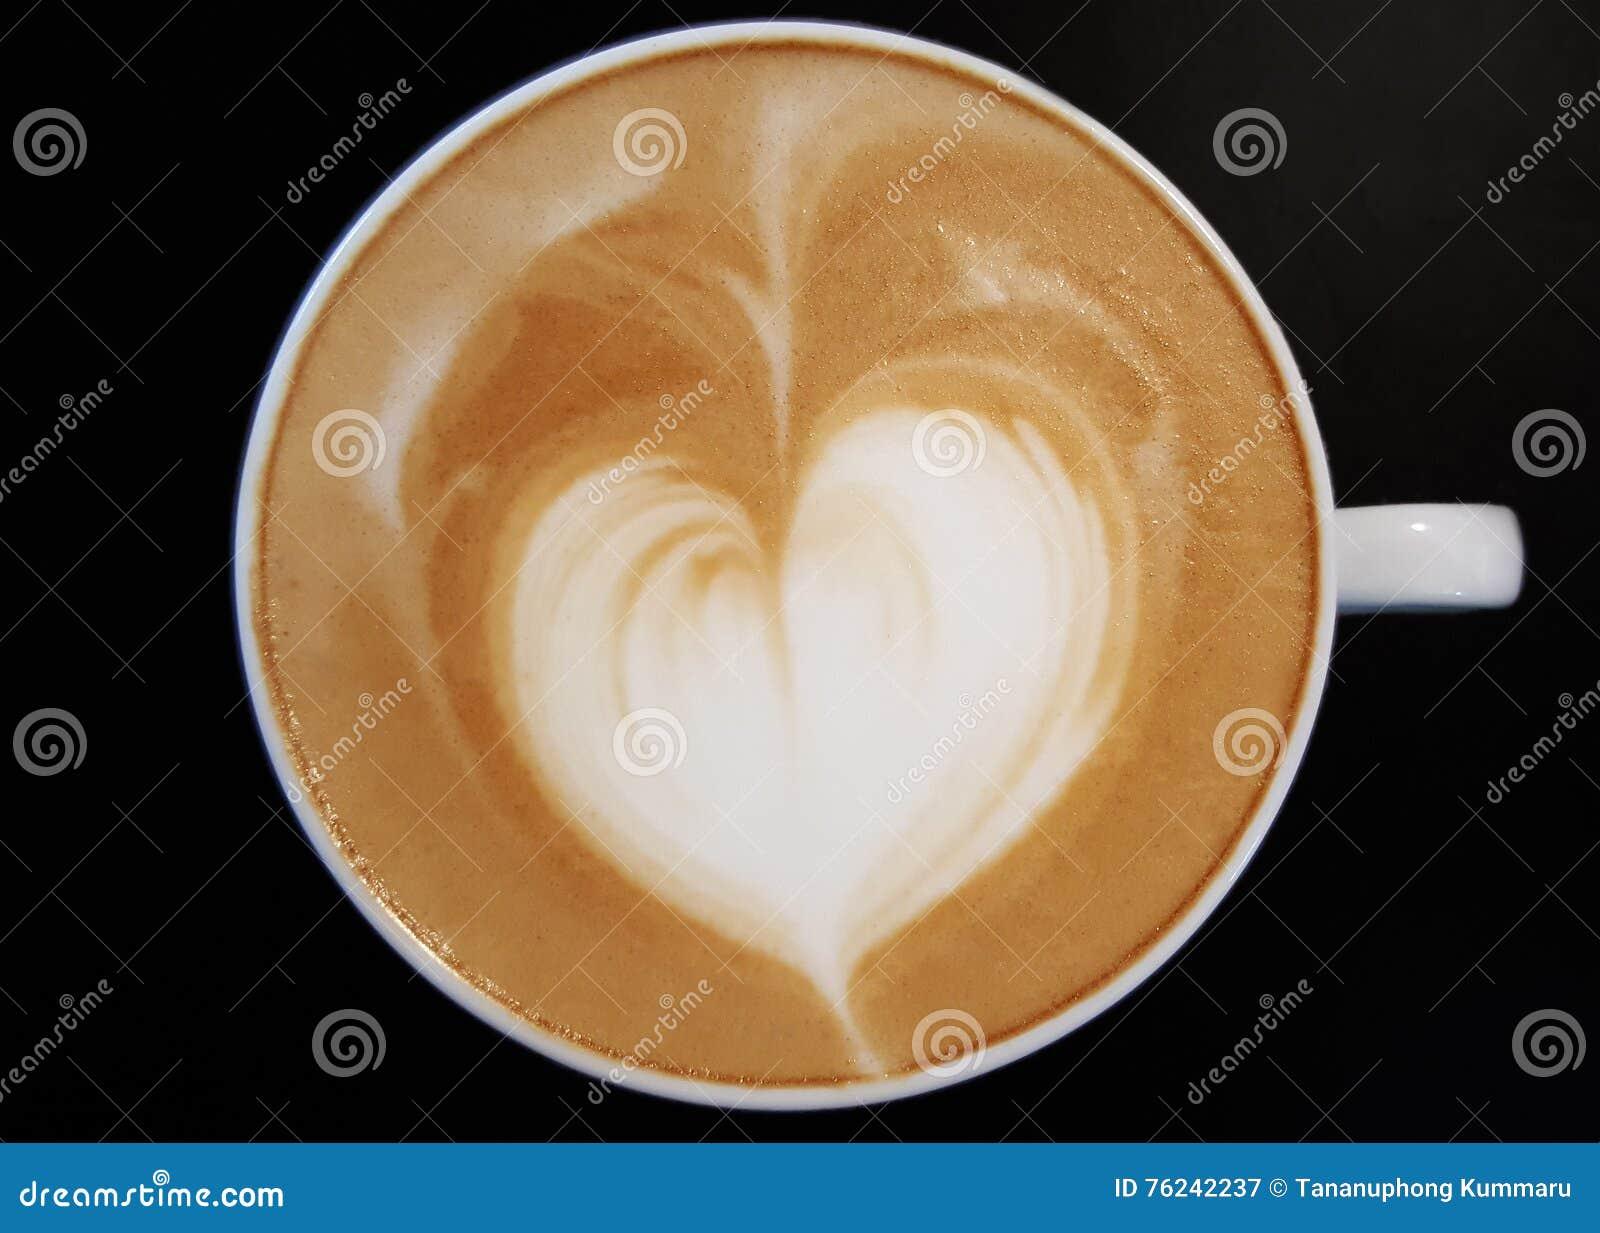 Herz-Form-Kaffee-Schaum stockbild. Bild von getränk, italienisch ...